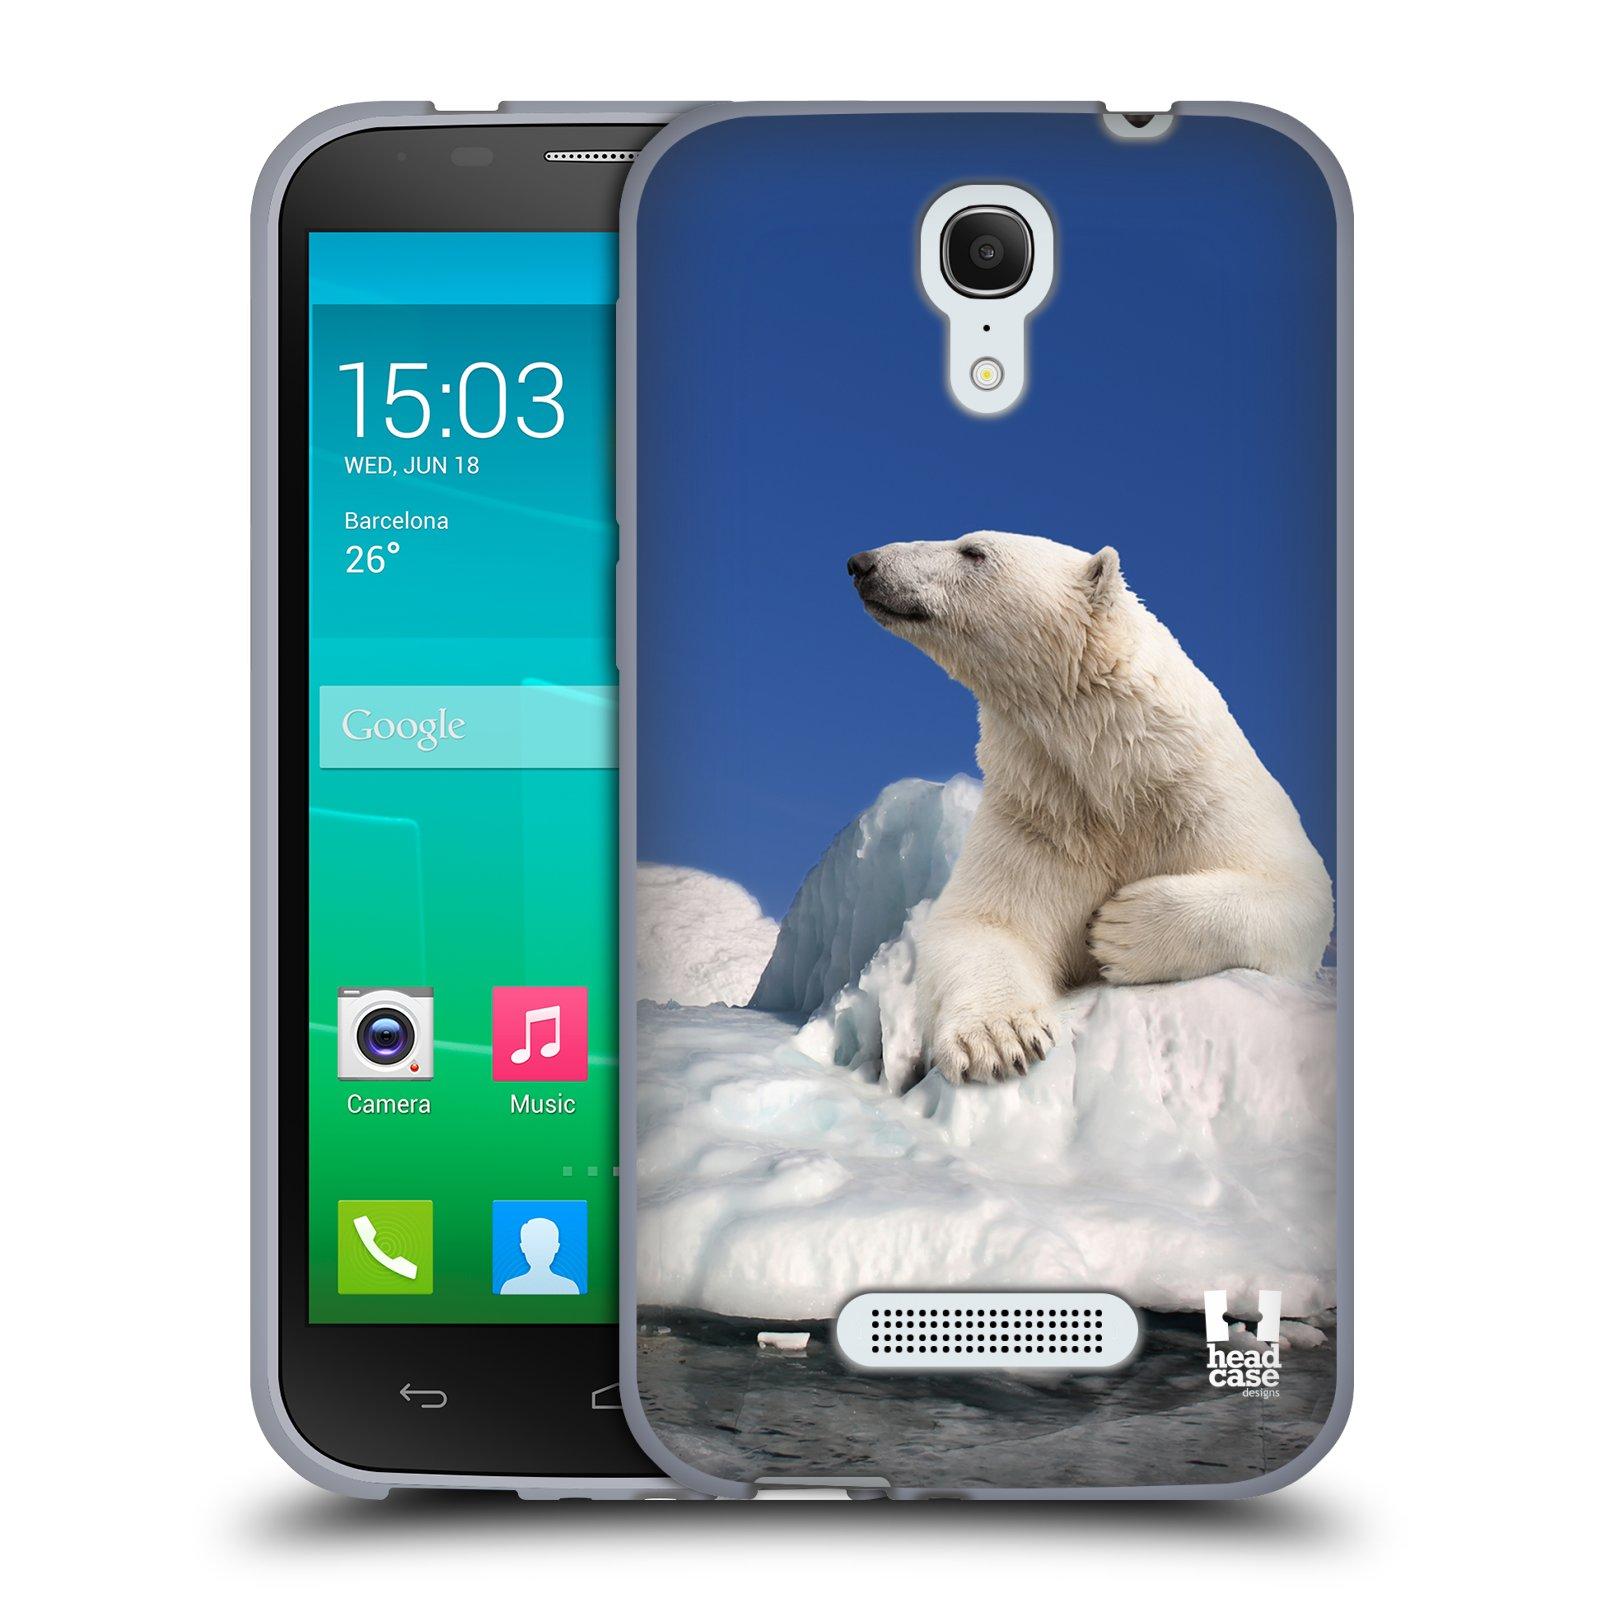 HEAD CASE silikonový obal na mobil Alcatel POP S7 vzor Divočina, Divoký život a zvířata foto LEDNÍ MEDVĚD NA LEDOVCI A NEBE MODRÁ